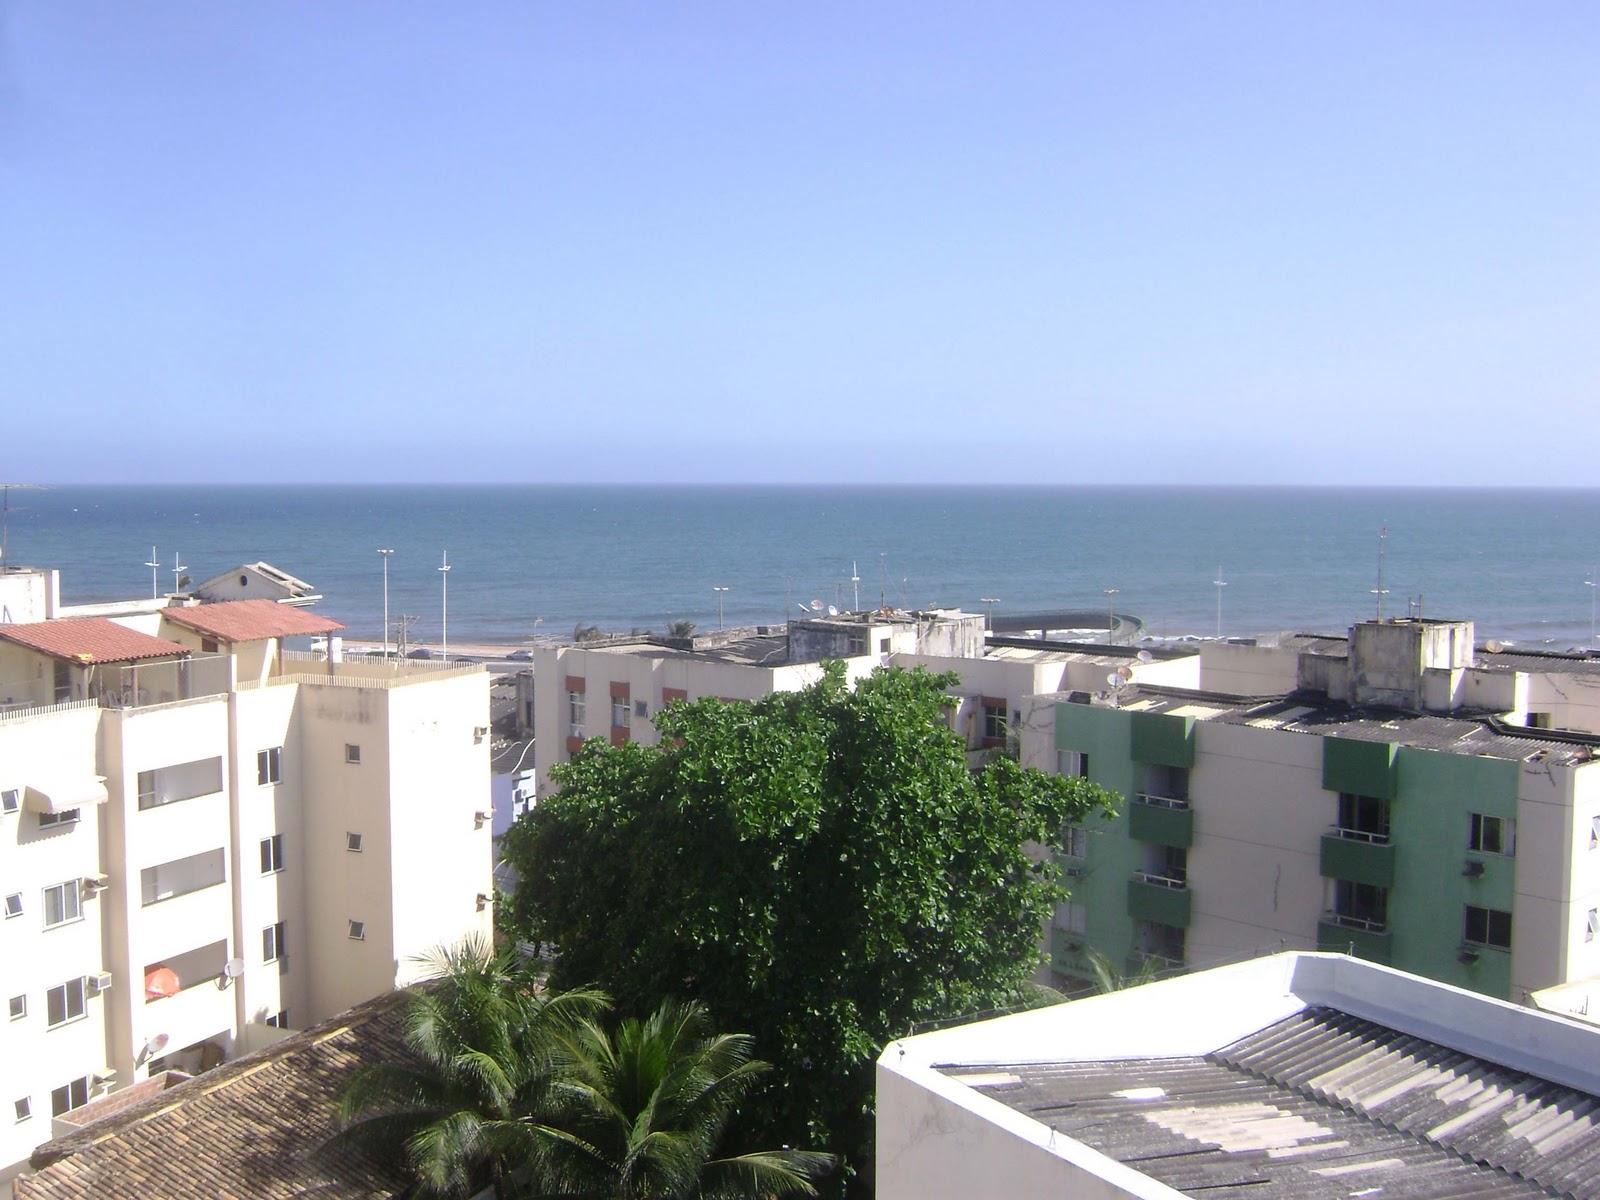 #0C3EBF Belitardo Corretora de Imóveis: LINDA COBERTURA NO COSTA AZUL!!! 1600x1200 px Banheiro Do Parque Costa Azul 3345